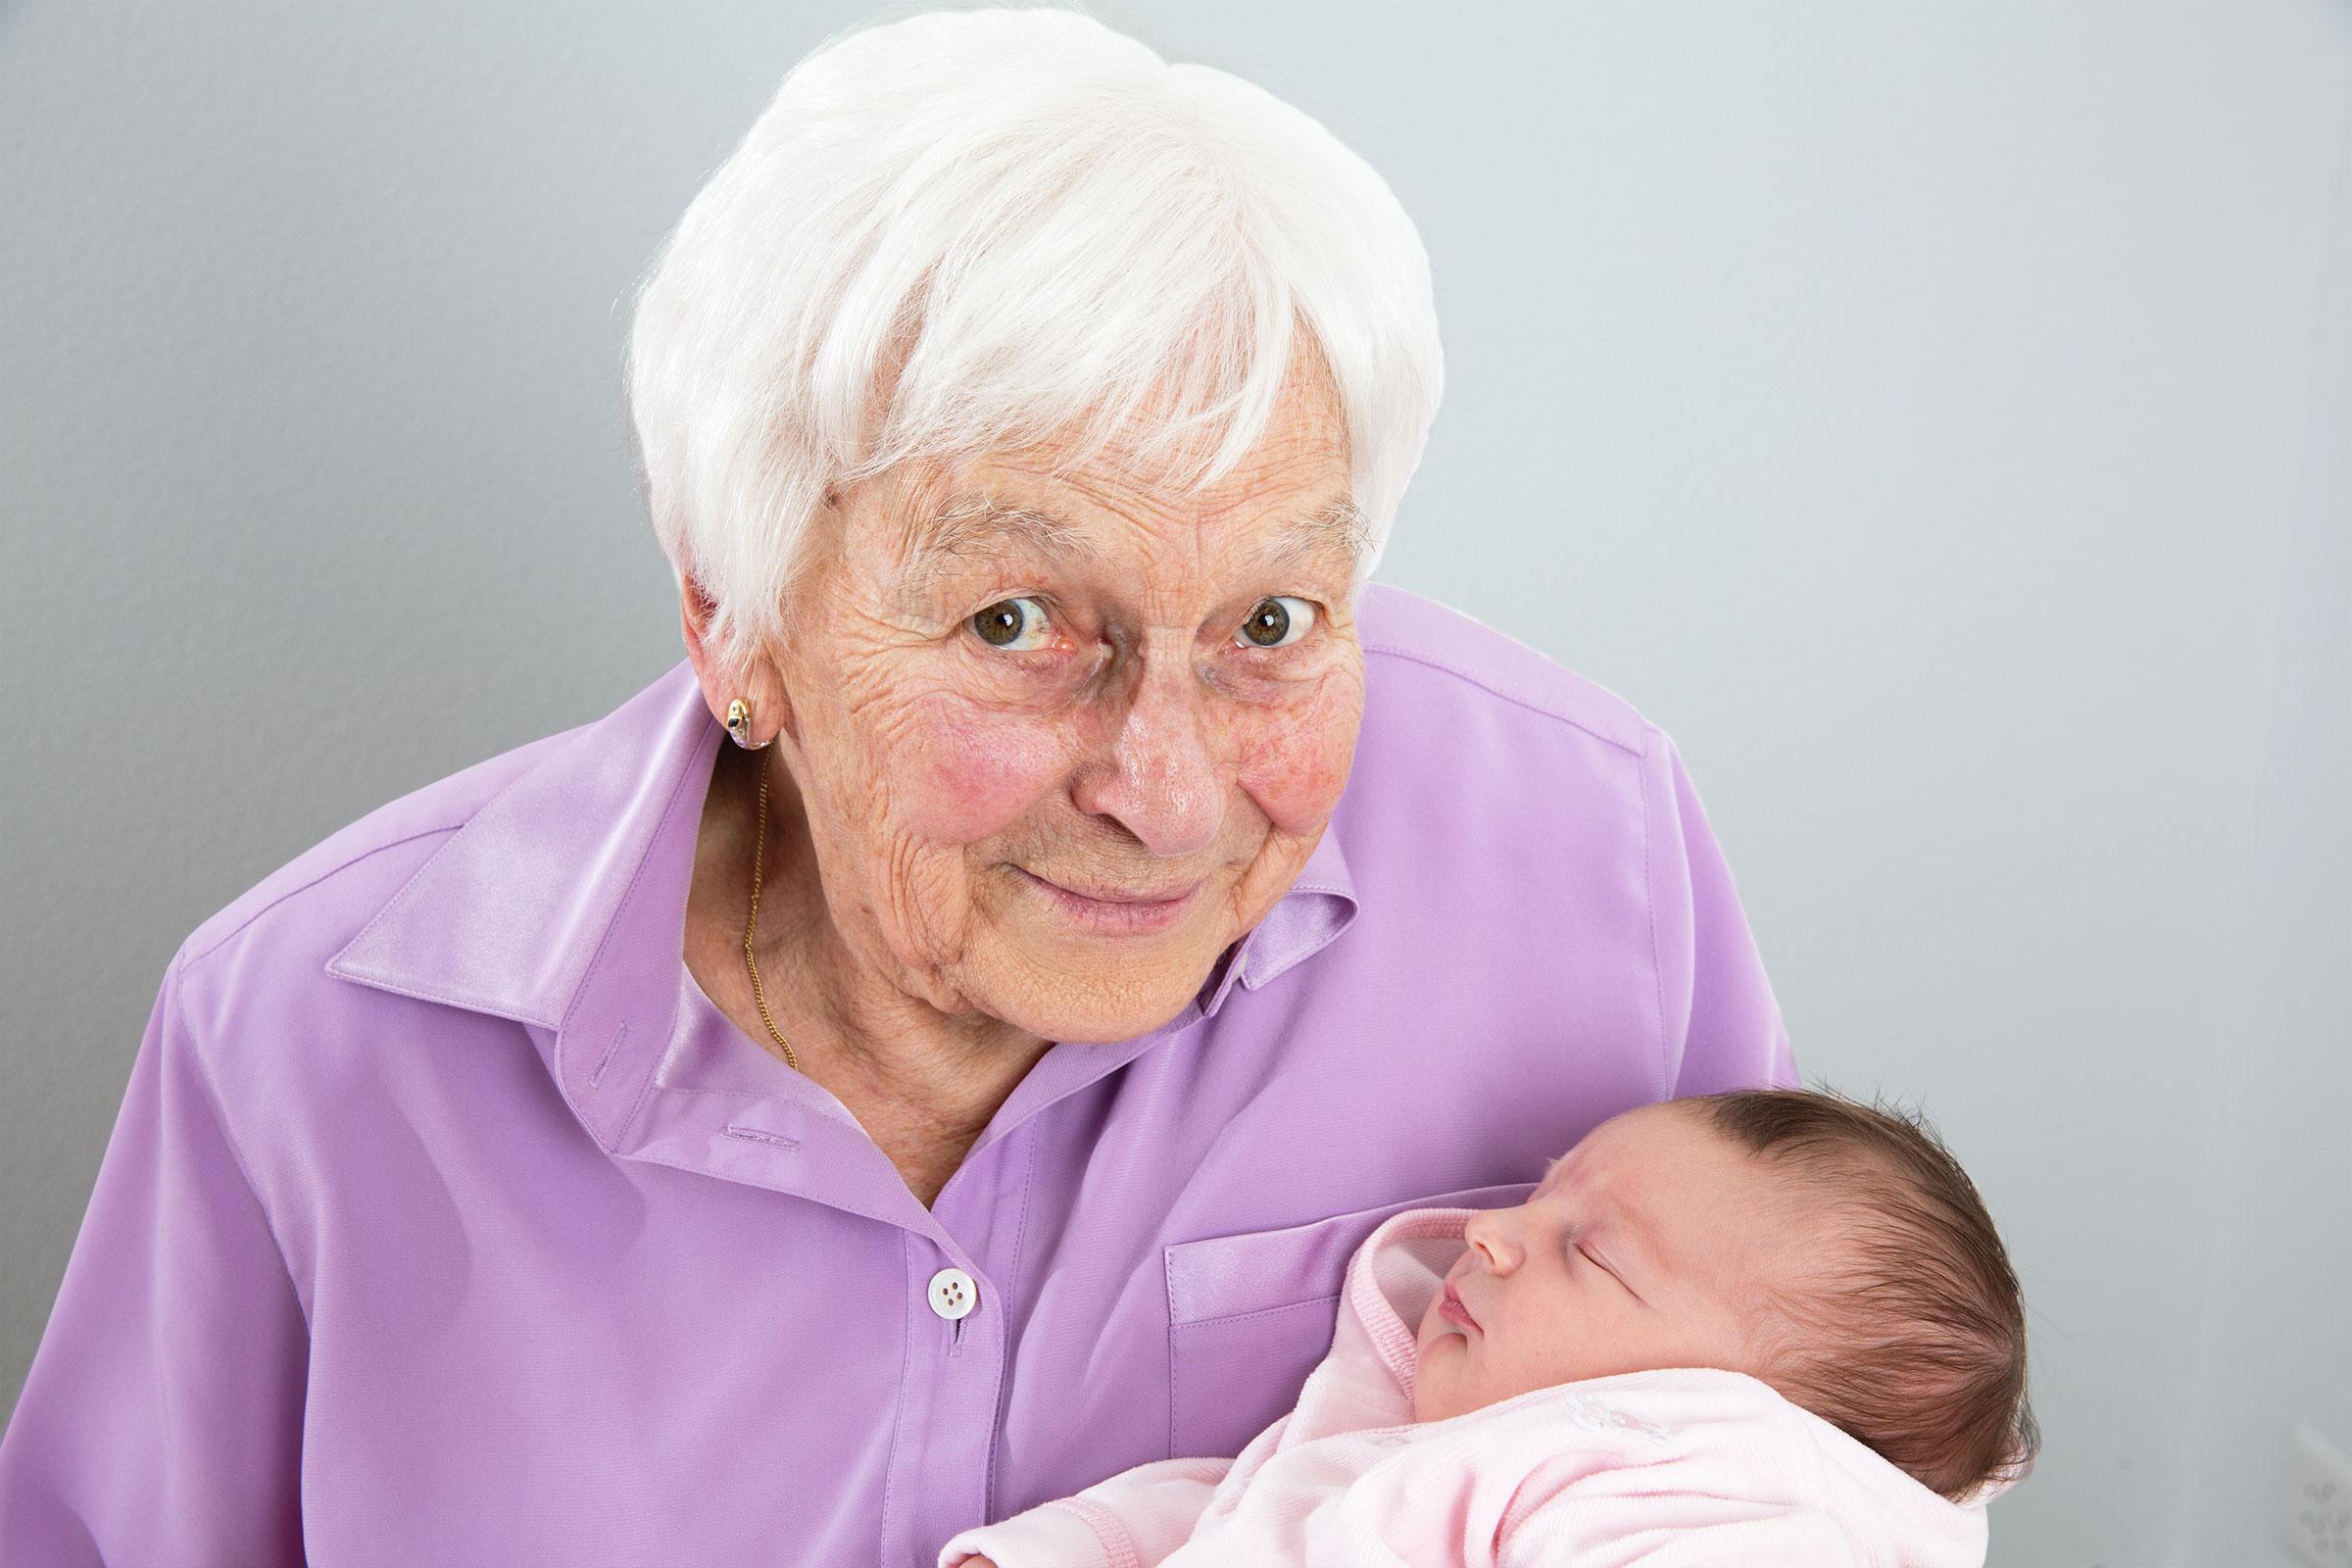 Sehr bewegend war, dass auch Samuels Grossmutter beim Fotoshooting dabei war – Frau Bregenzer mit ihrem Urenkel – was für ein schönes Bild.